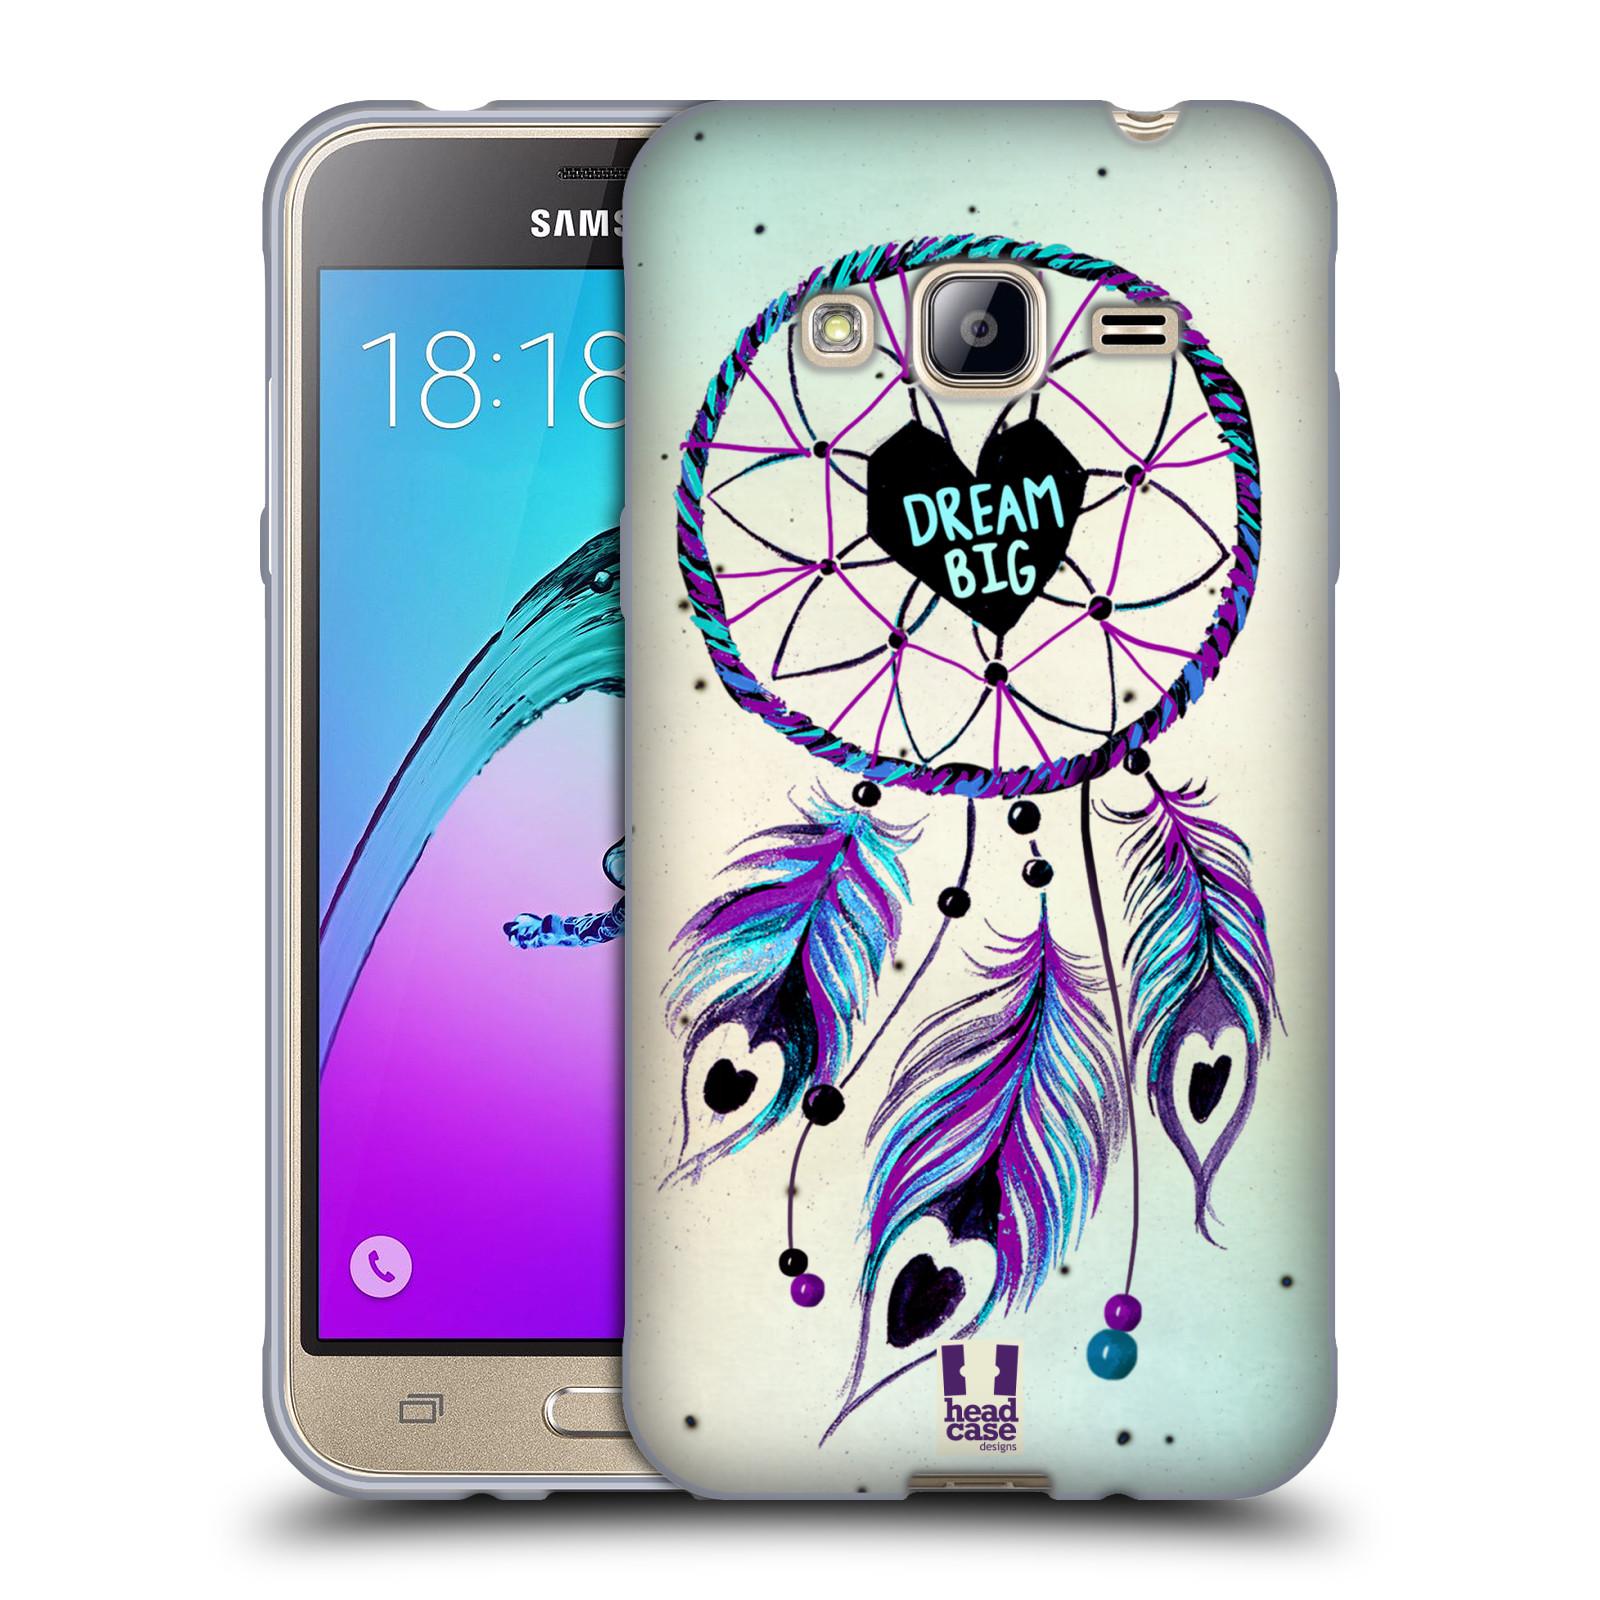 Silikonové pouzdro na mobil Samsung Galaxy J3 (2016) HEAD CASE Lapač Assorted Dream Big Srdce